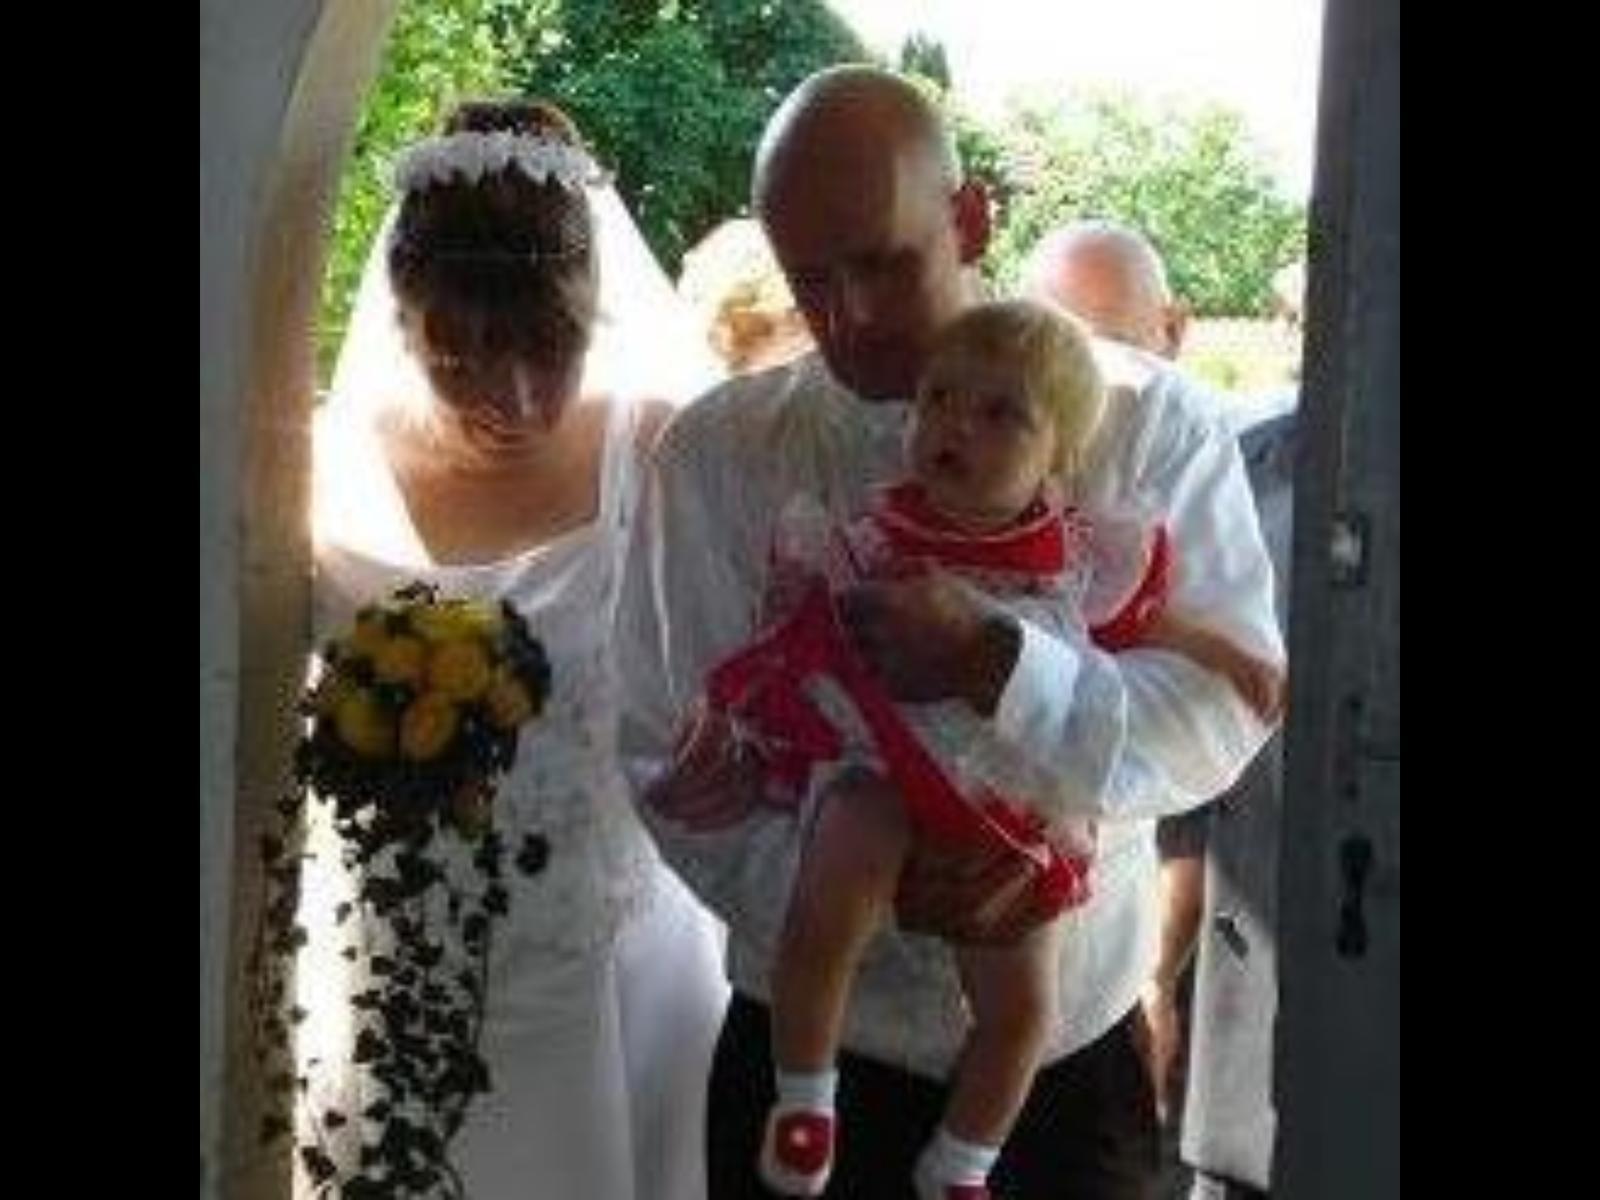 Dnes máme výročie :) naše 7 nám priniesli krásne manželstvo . - Obrázok č. 1